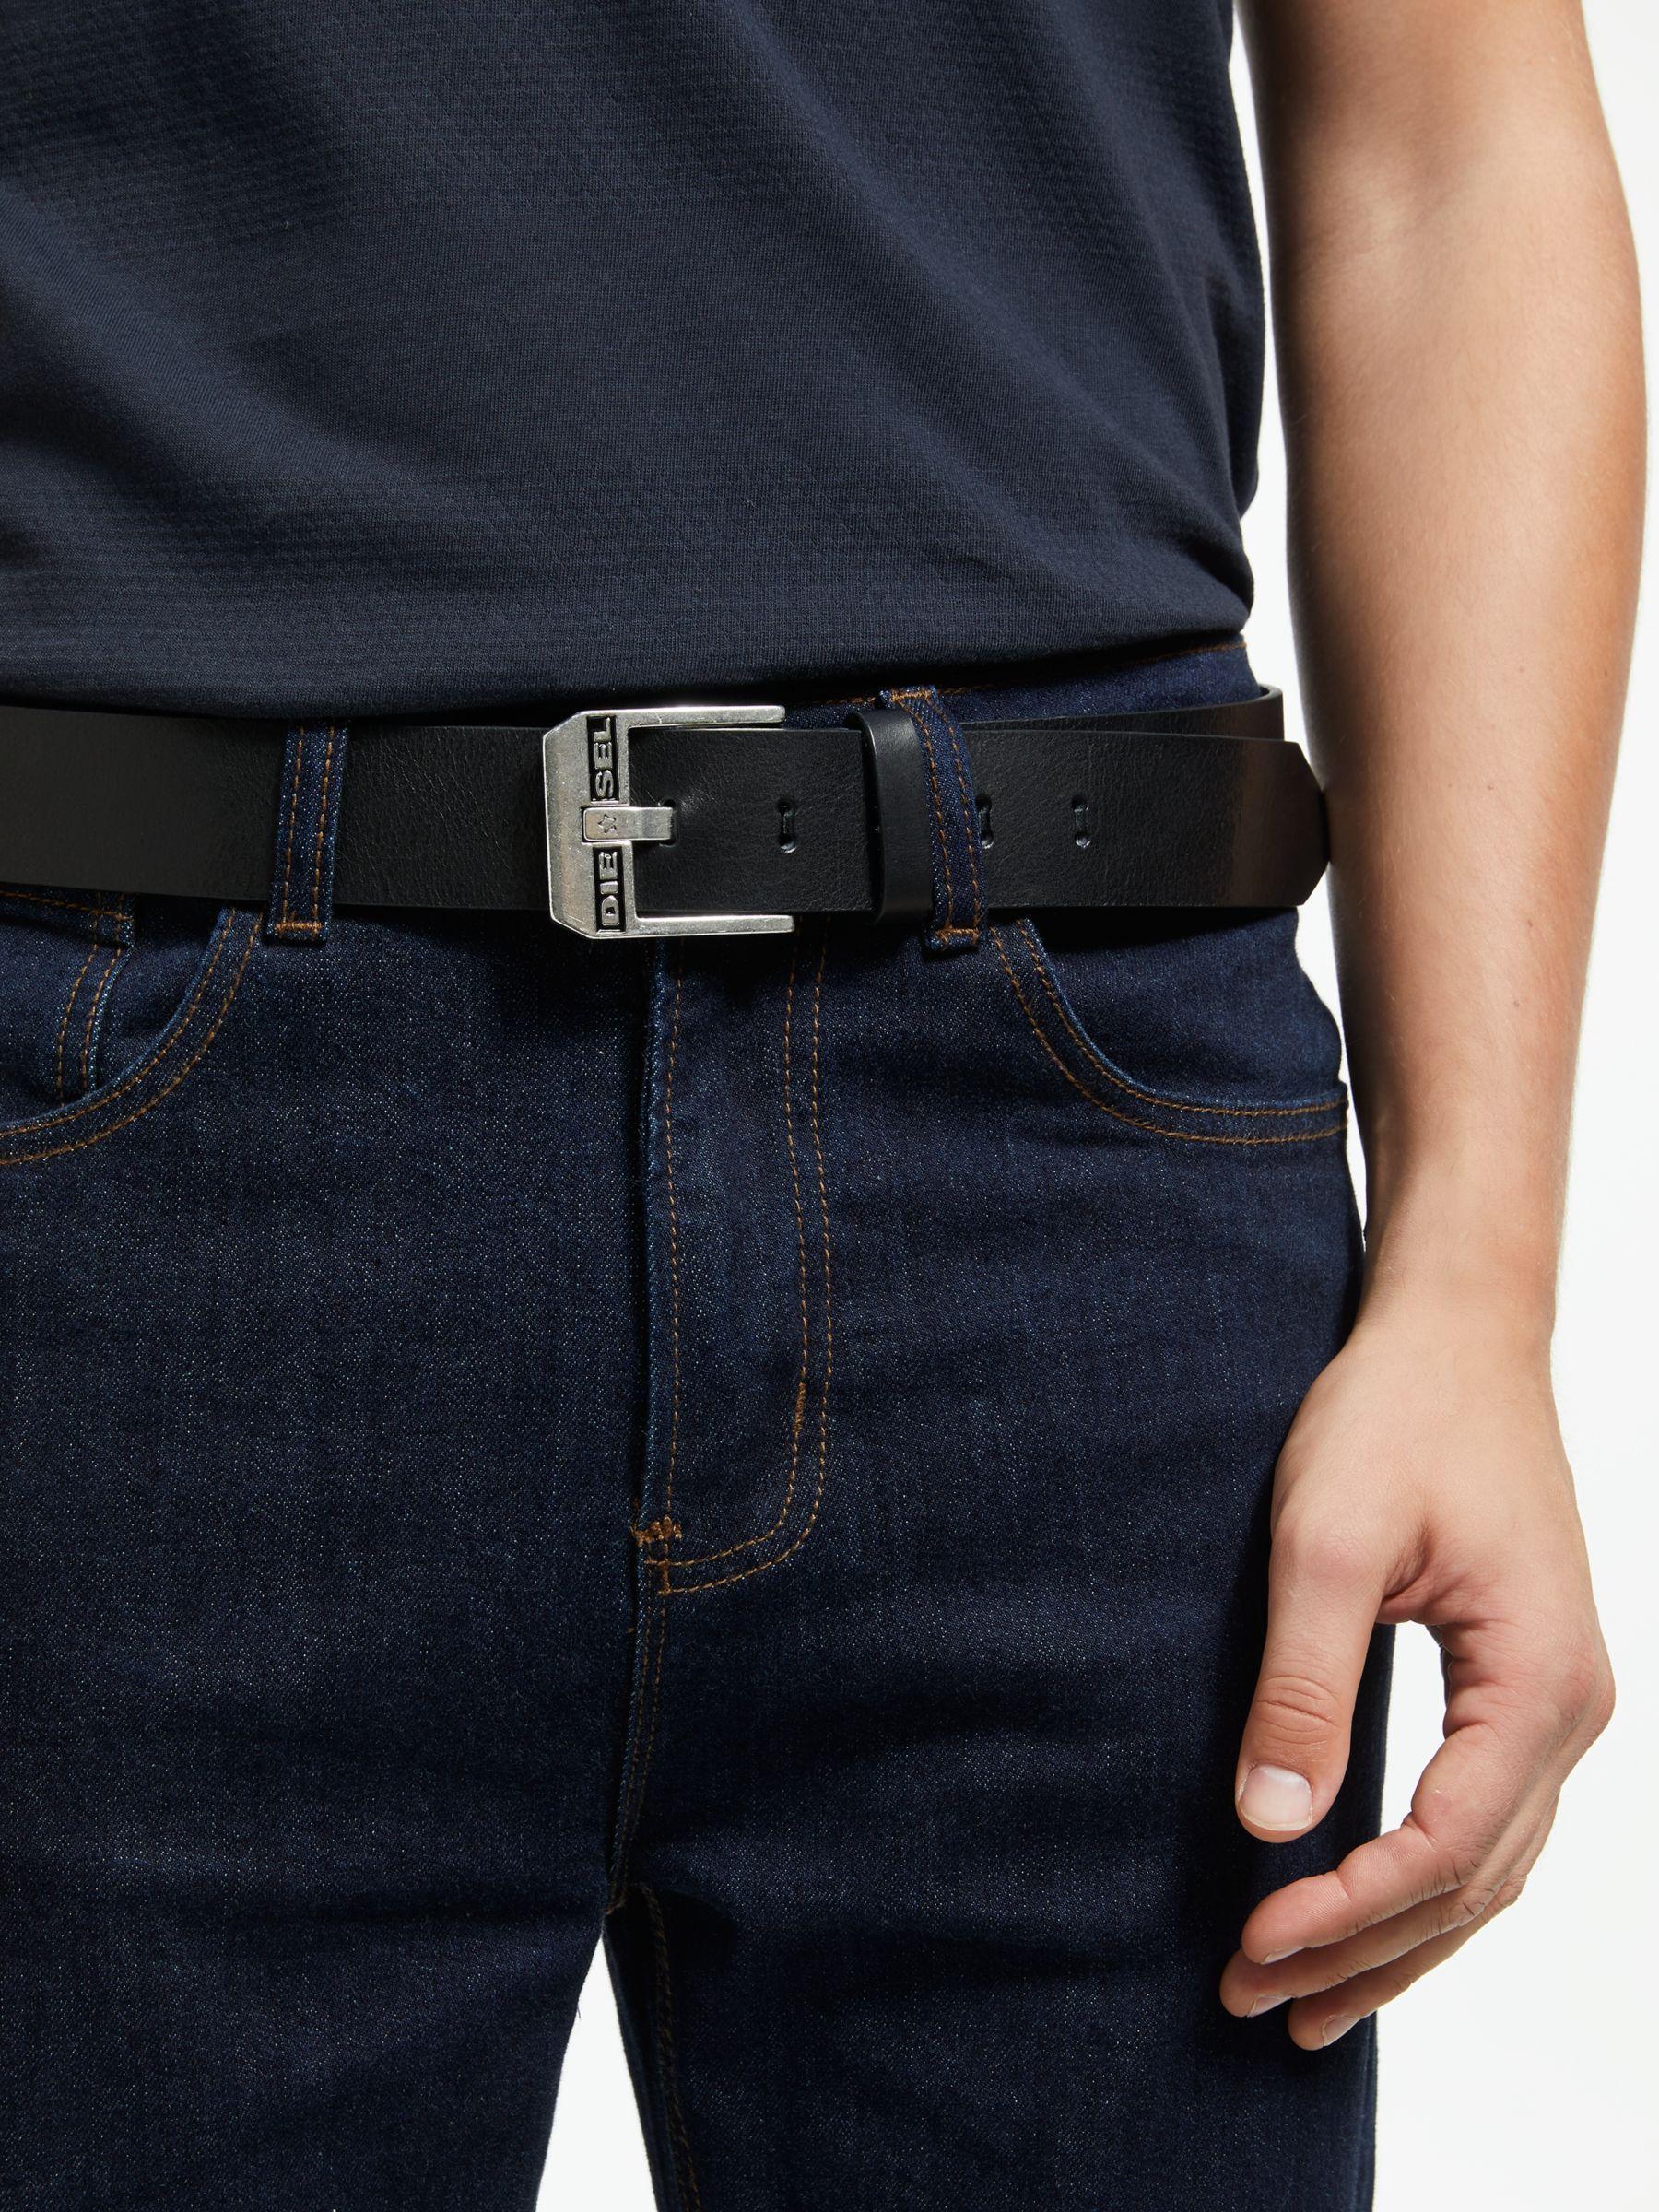 Diesel Bluestar Cintura Leather Belt Black Leather Diesel